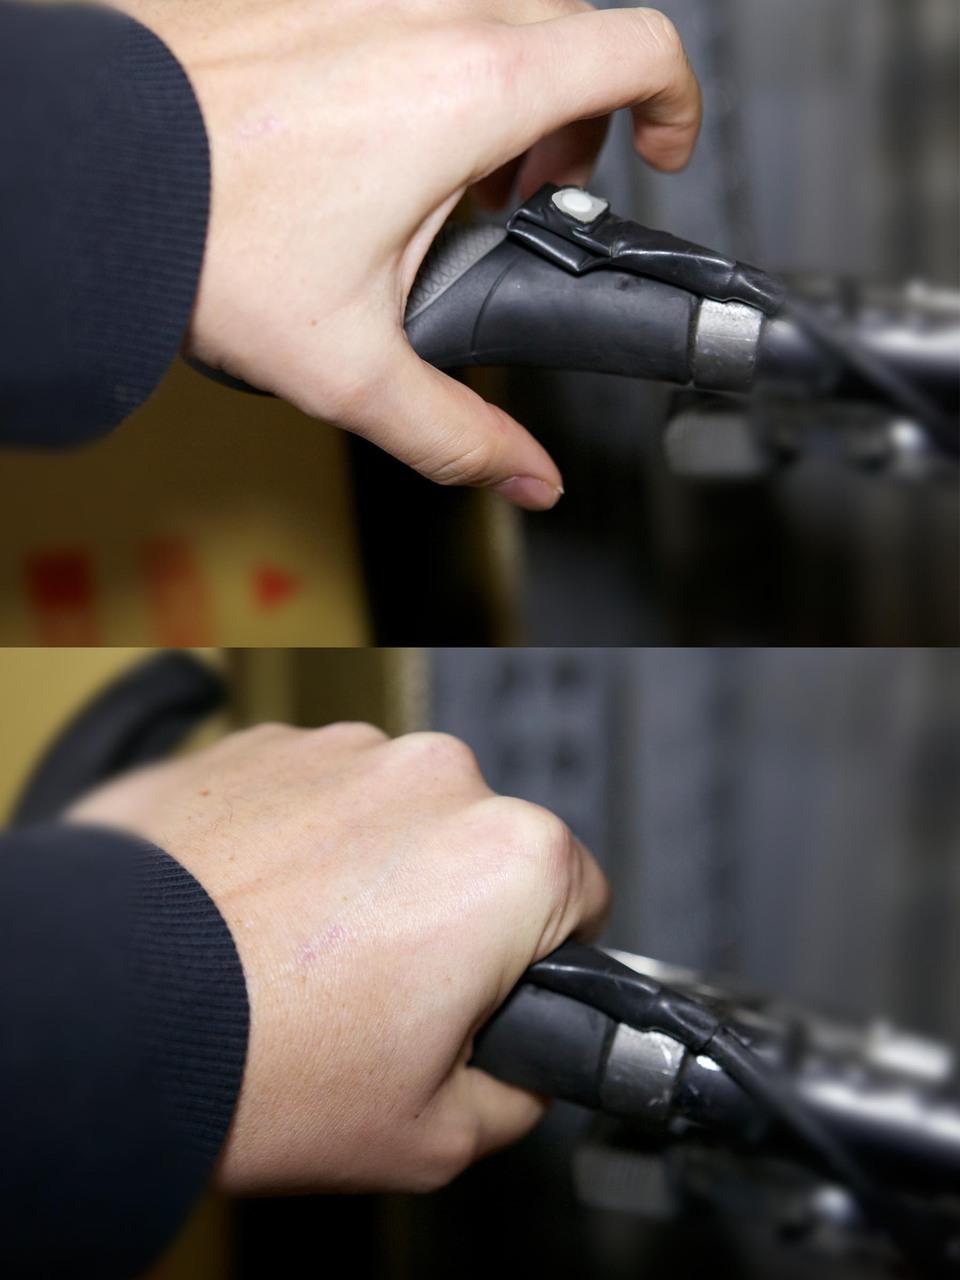 Leed's push-button throttle